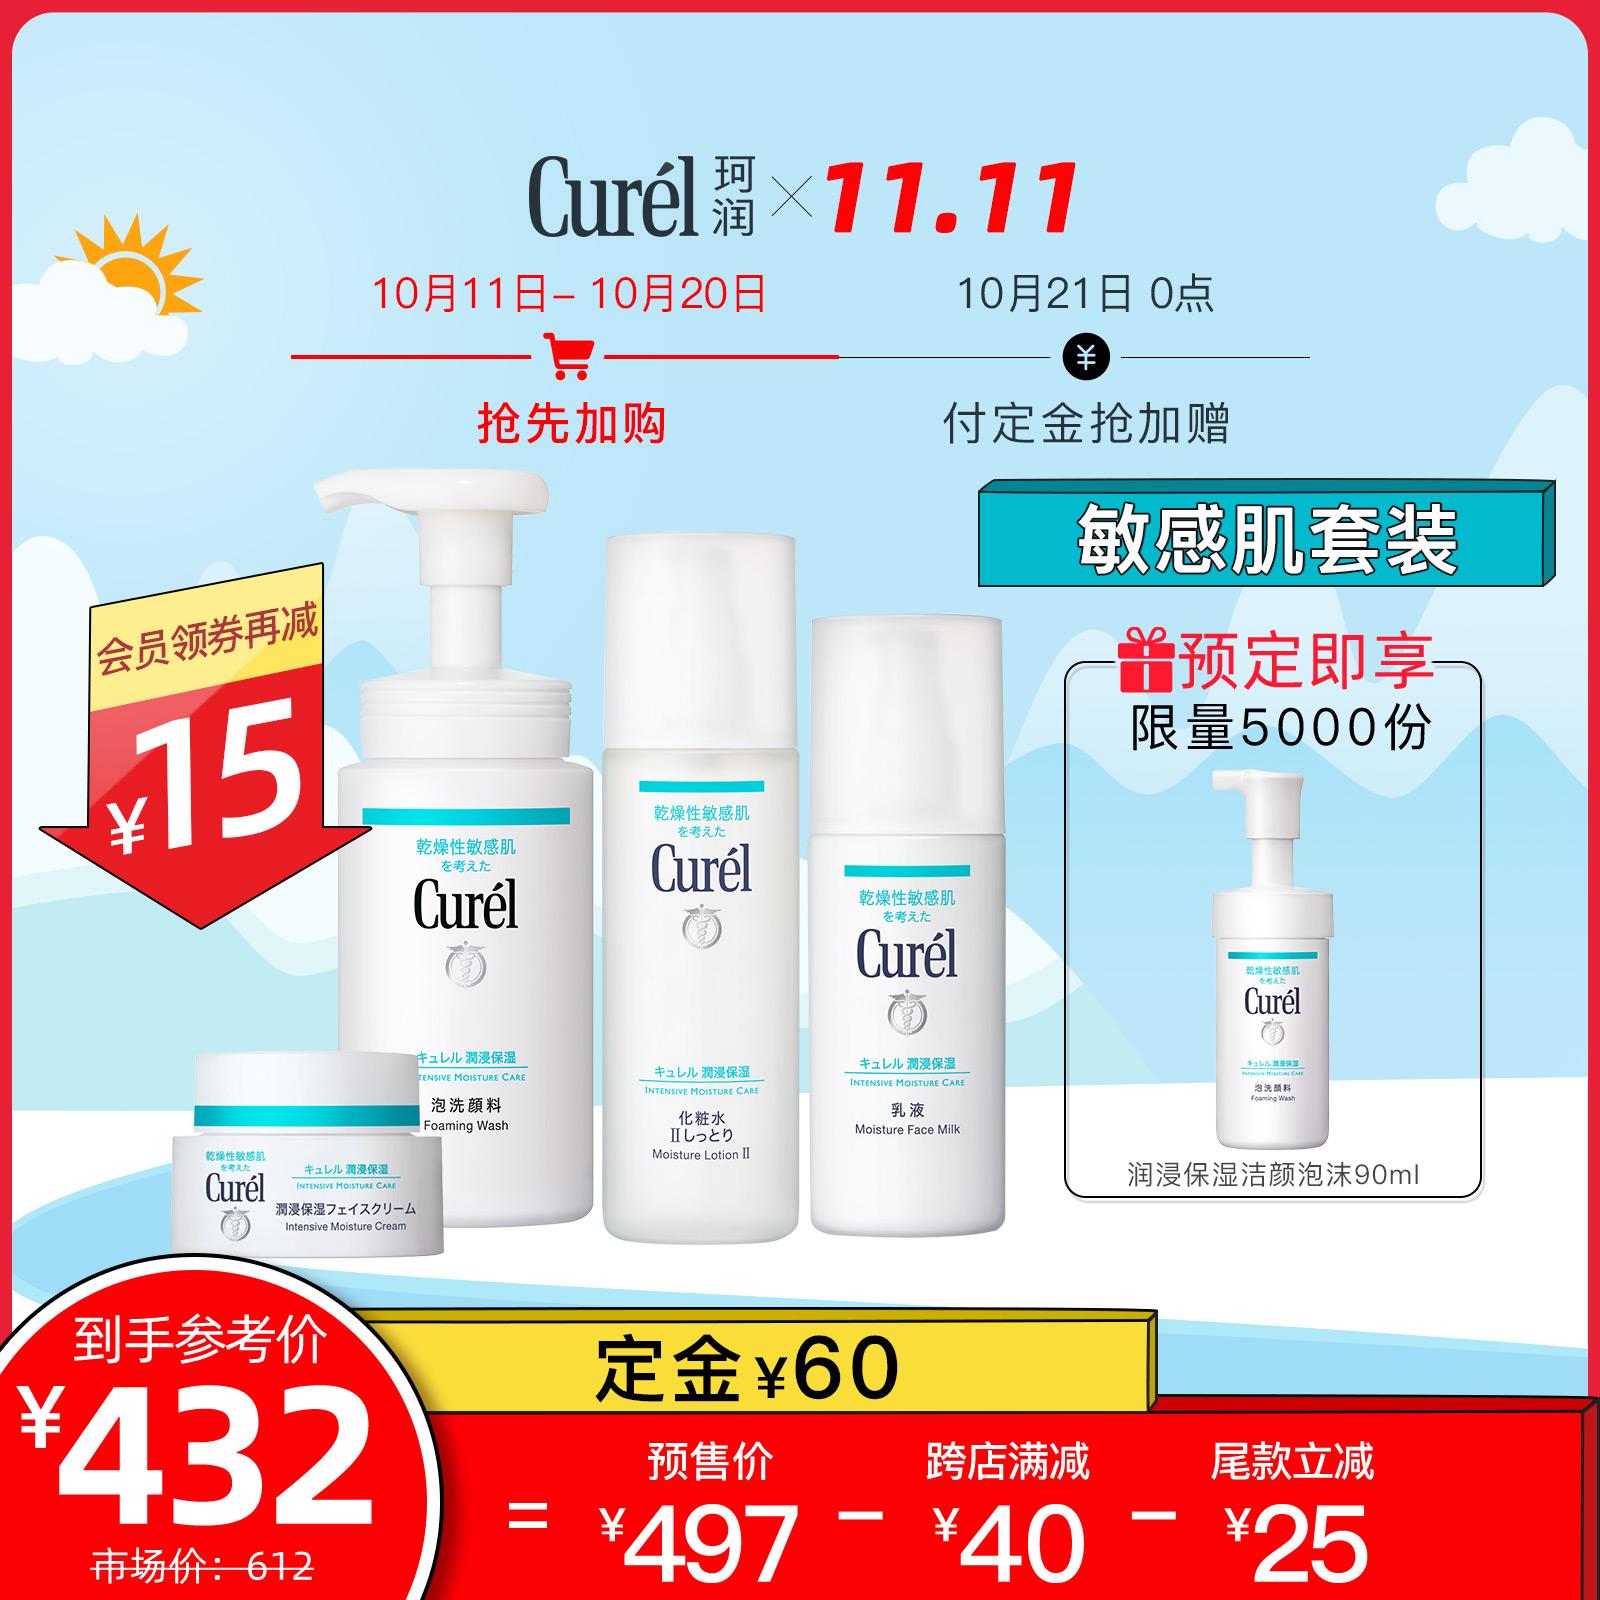 【双11加购】Curel珂润补水保湿四件套面部护理套装水乳液滋养